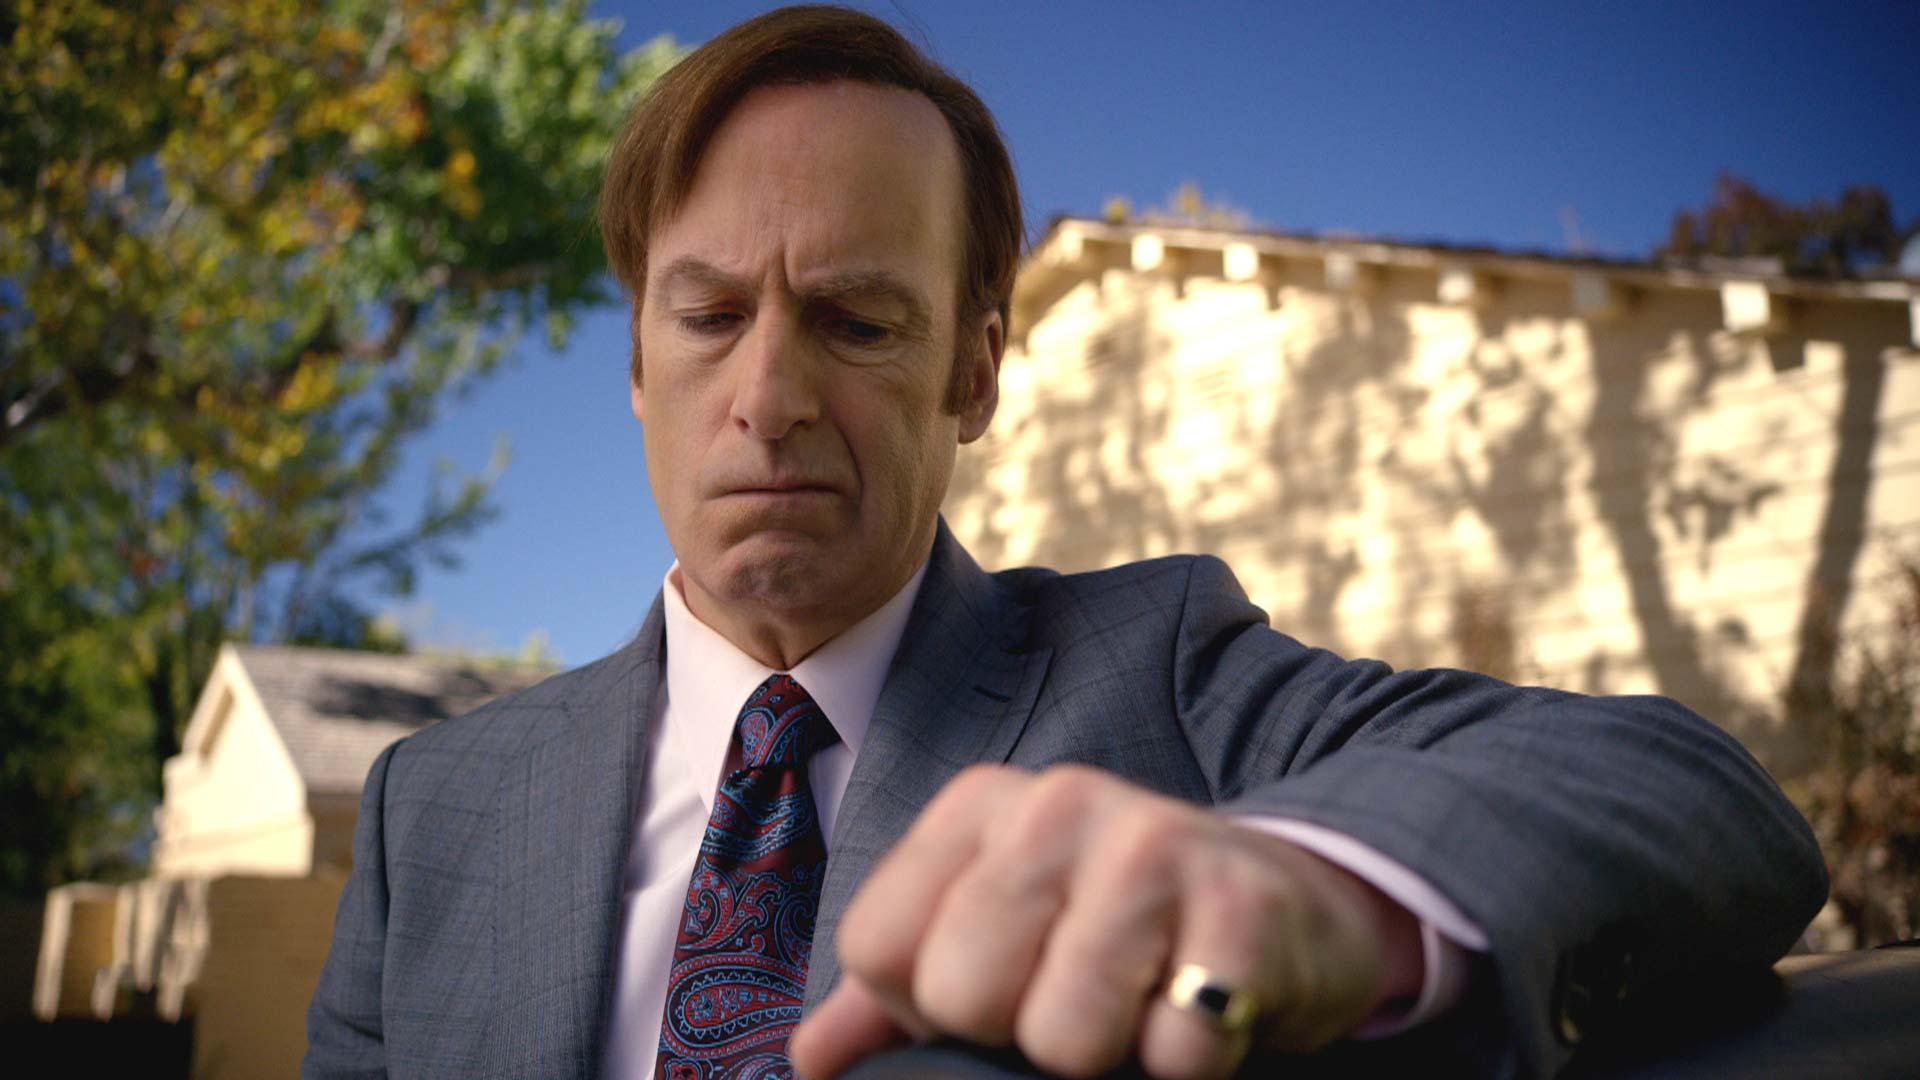 Better Call Saul Temporada 3 Menos Jimmy Mcgill Y Más